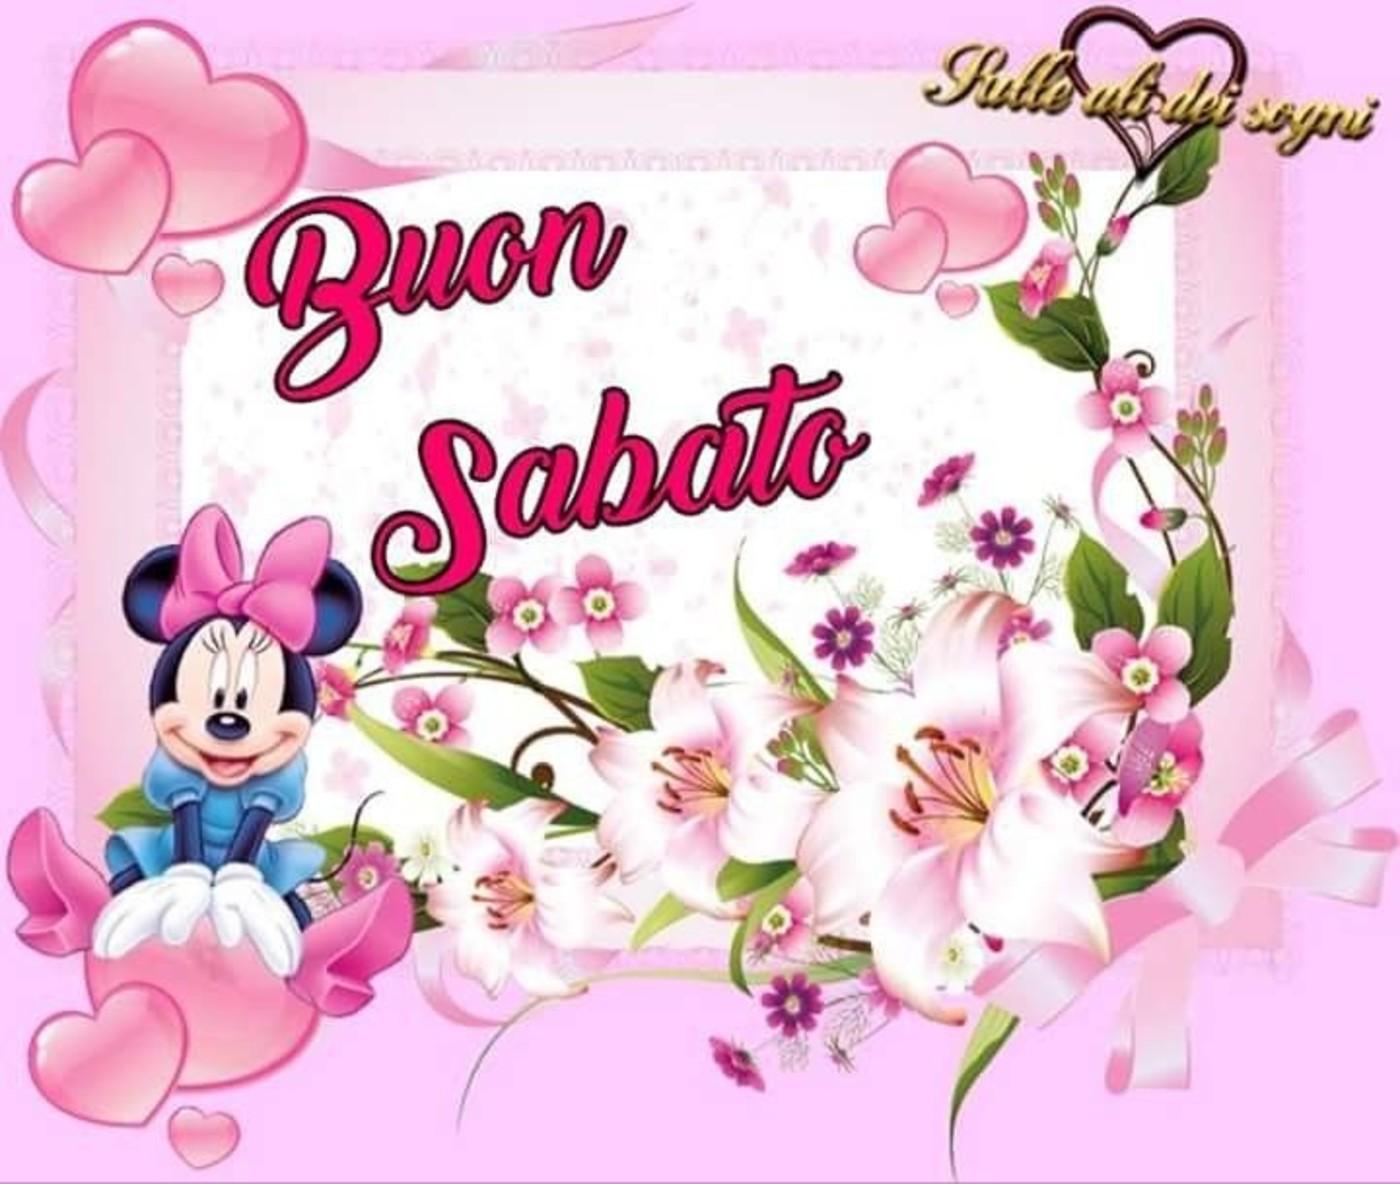 Buongiorno e Buon Sabato WhatsApp gratis 83